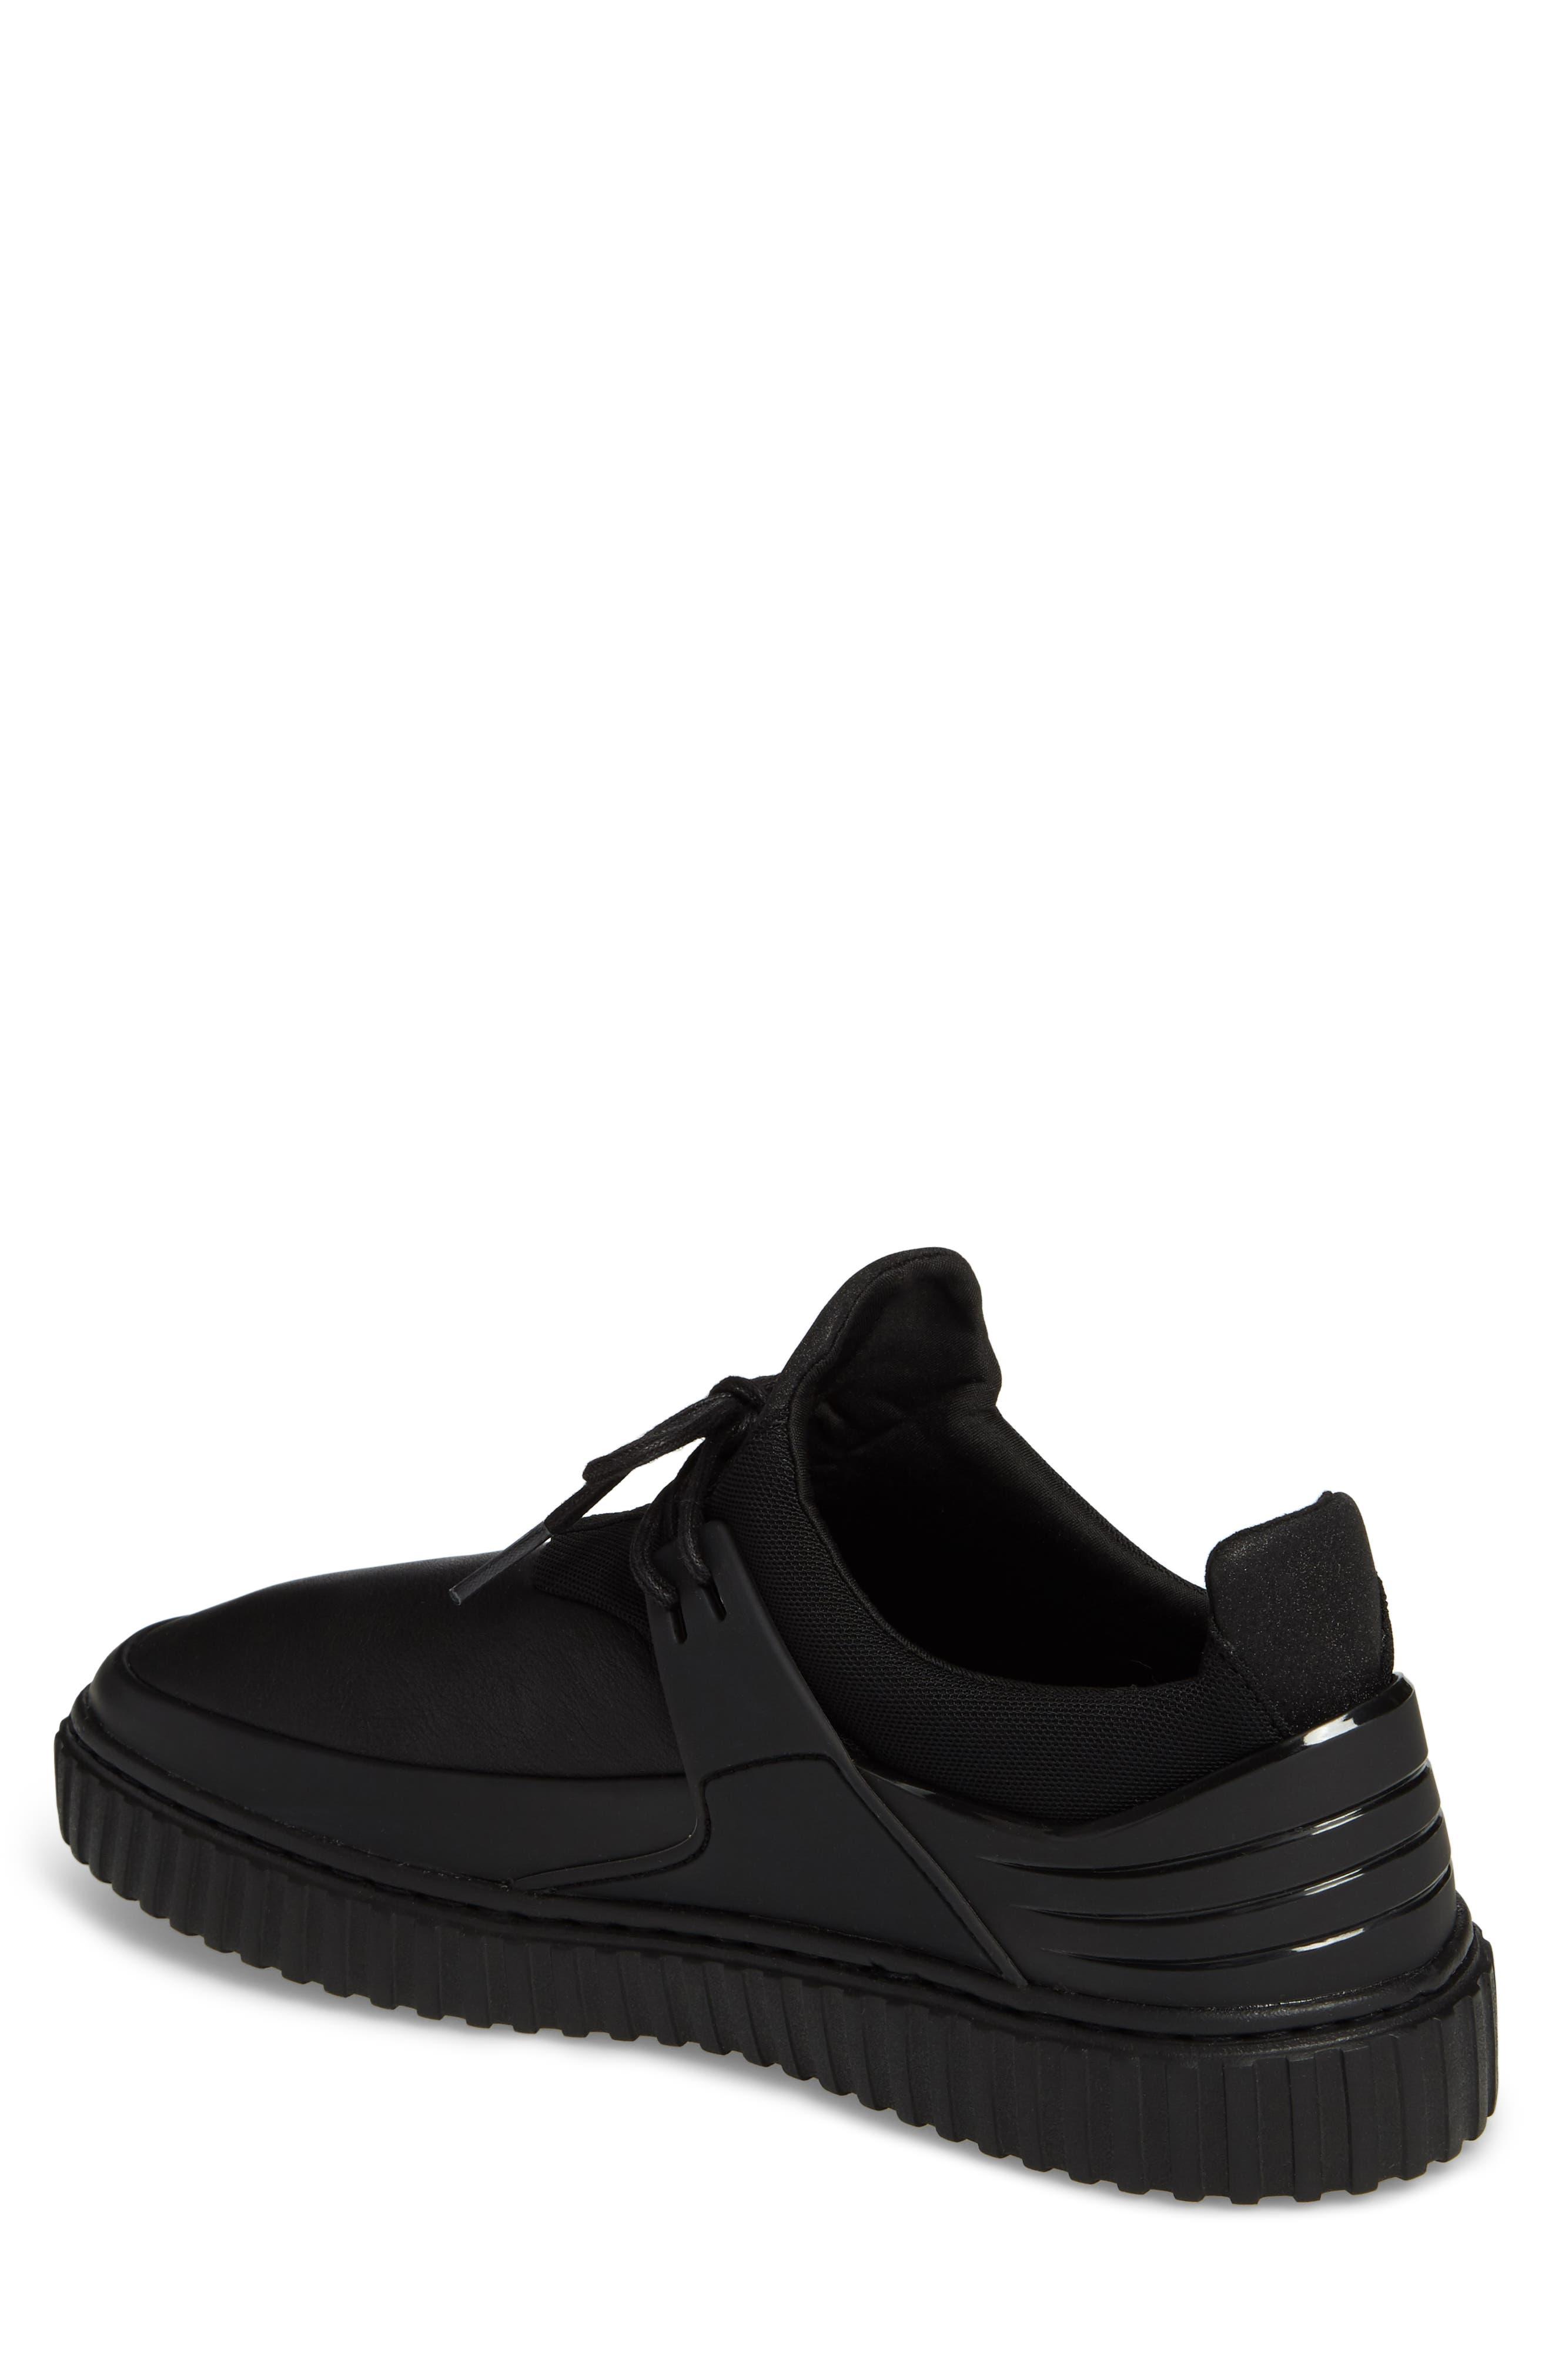 Alternate Image 2  - Creative Recreation Castucci Mid Sneaker (Men)